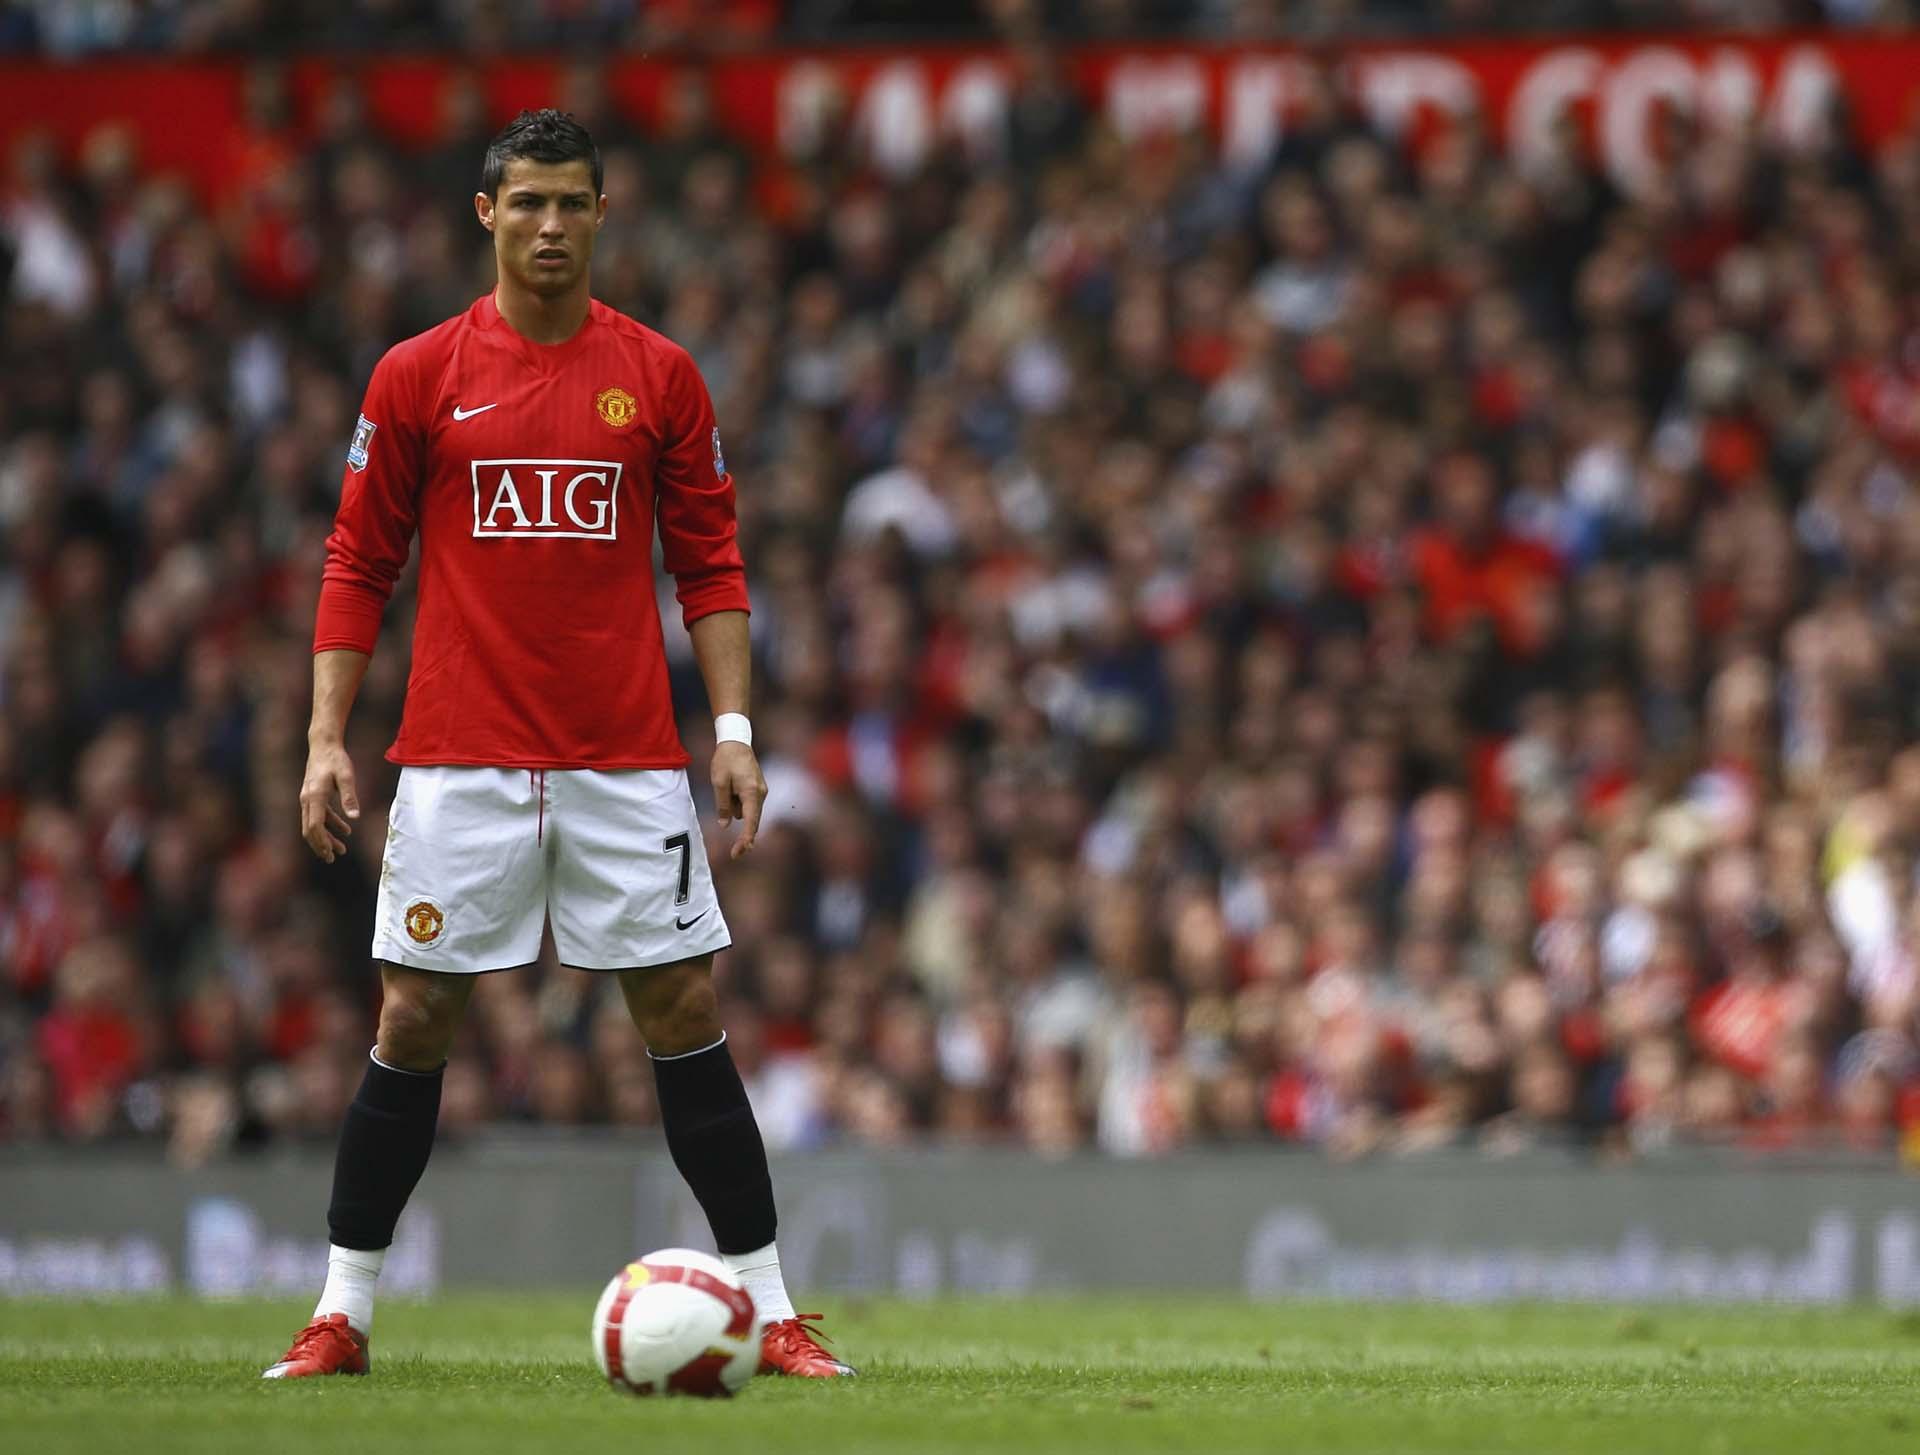 Ronaldo CR7 là một trong những ngôi sao trải nghiệm mẫu giày đá bóng nhẹ nhất Mercurial Superfly I